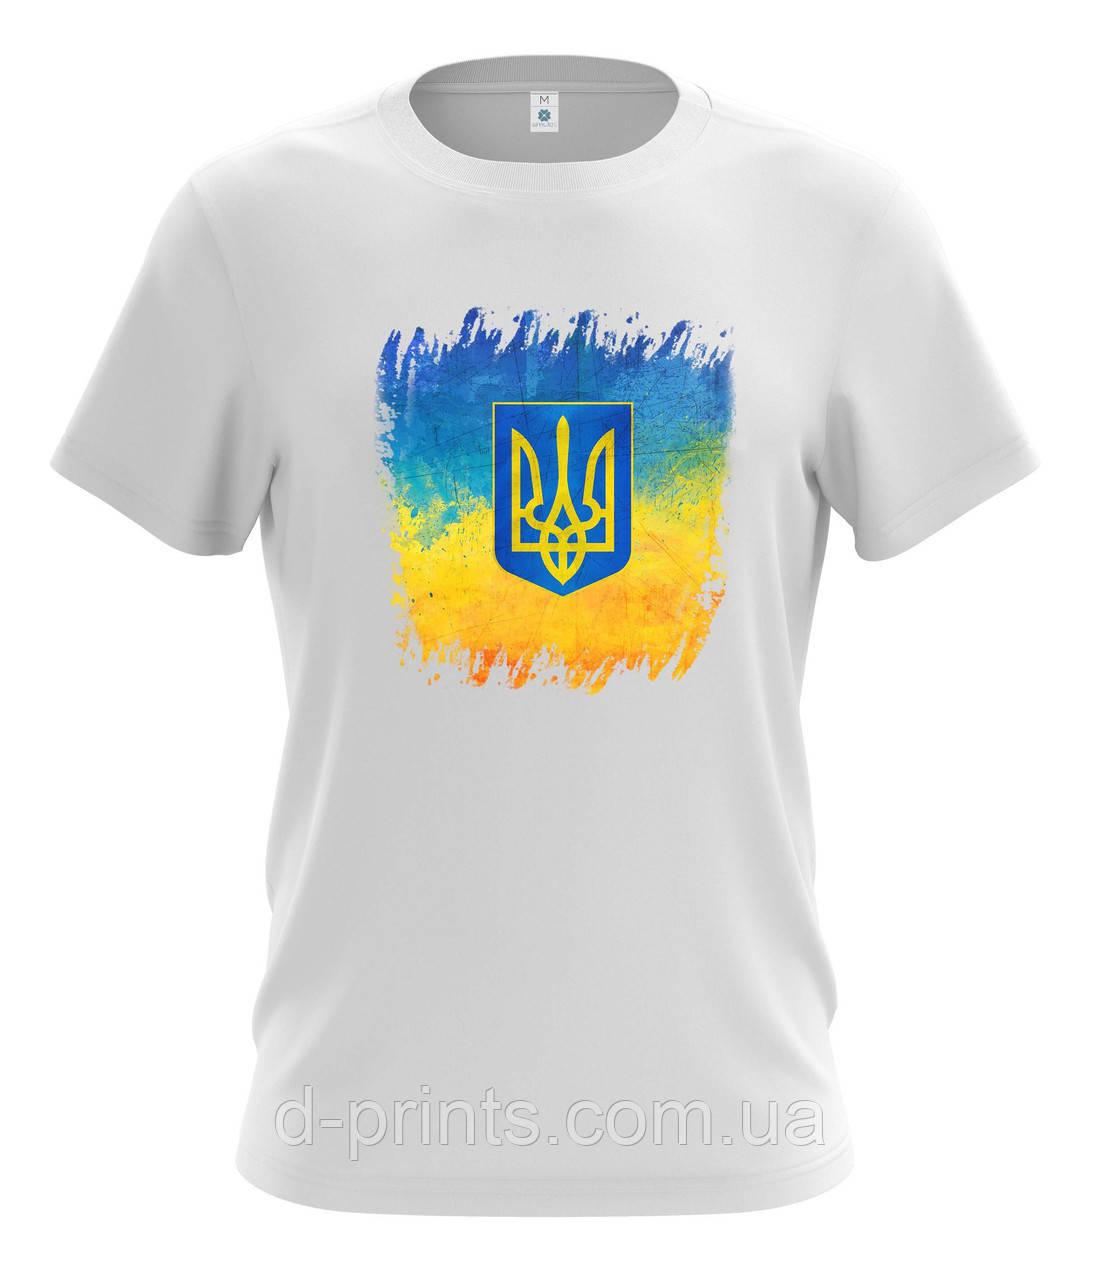 """Футболка чоловіча з малюнком """"Україна"""" MF-12-74"""